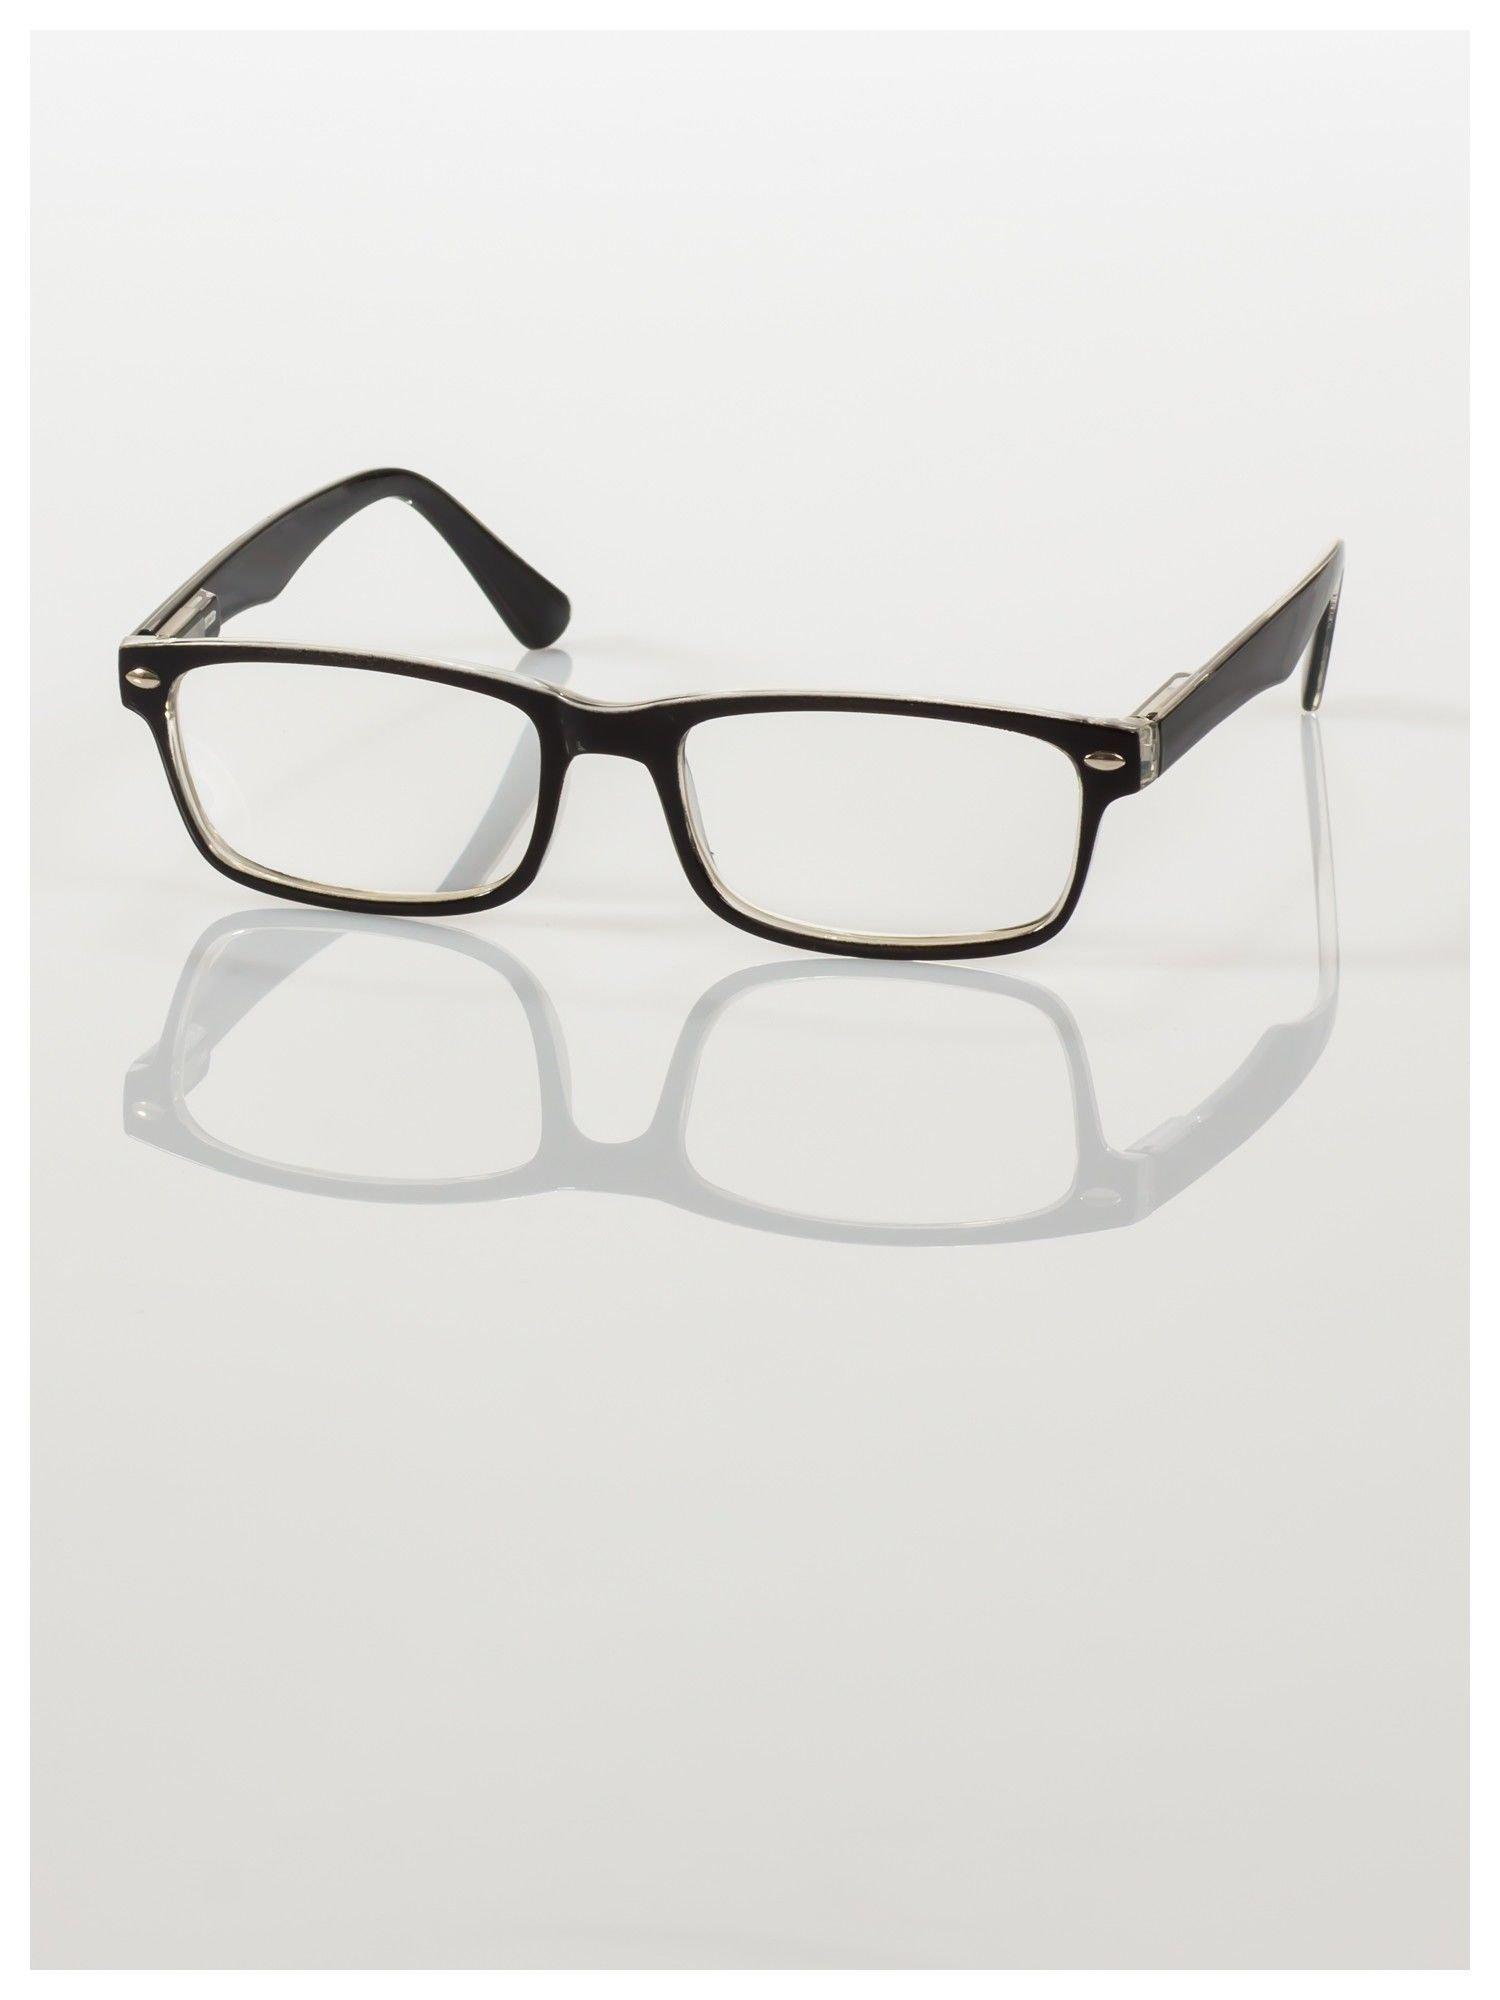 Okulary korekcyjne +2.0 D ,model WAYFARER do czytania z systemem FLEX na zausznikach +GRATIS PLASTIKOWE ETUI I ŚCIERECZKA Z MIKROFIBRY                                  zdj.                                  3